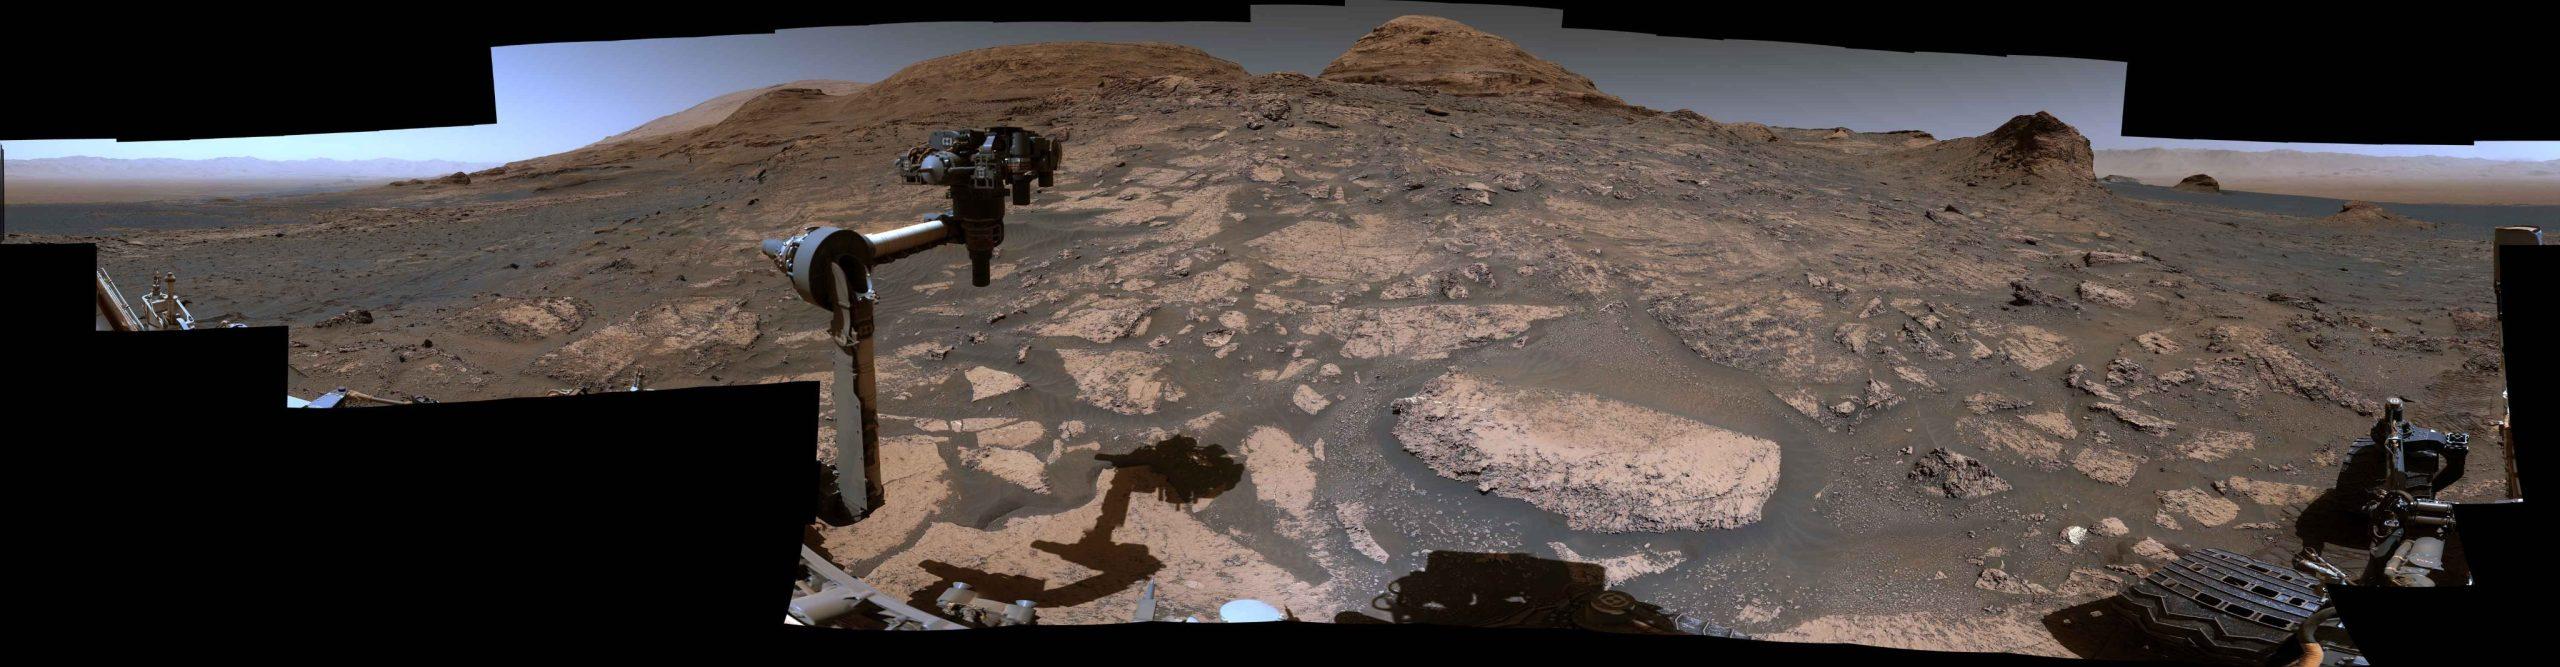 rover-curiosity-1